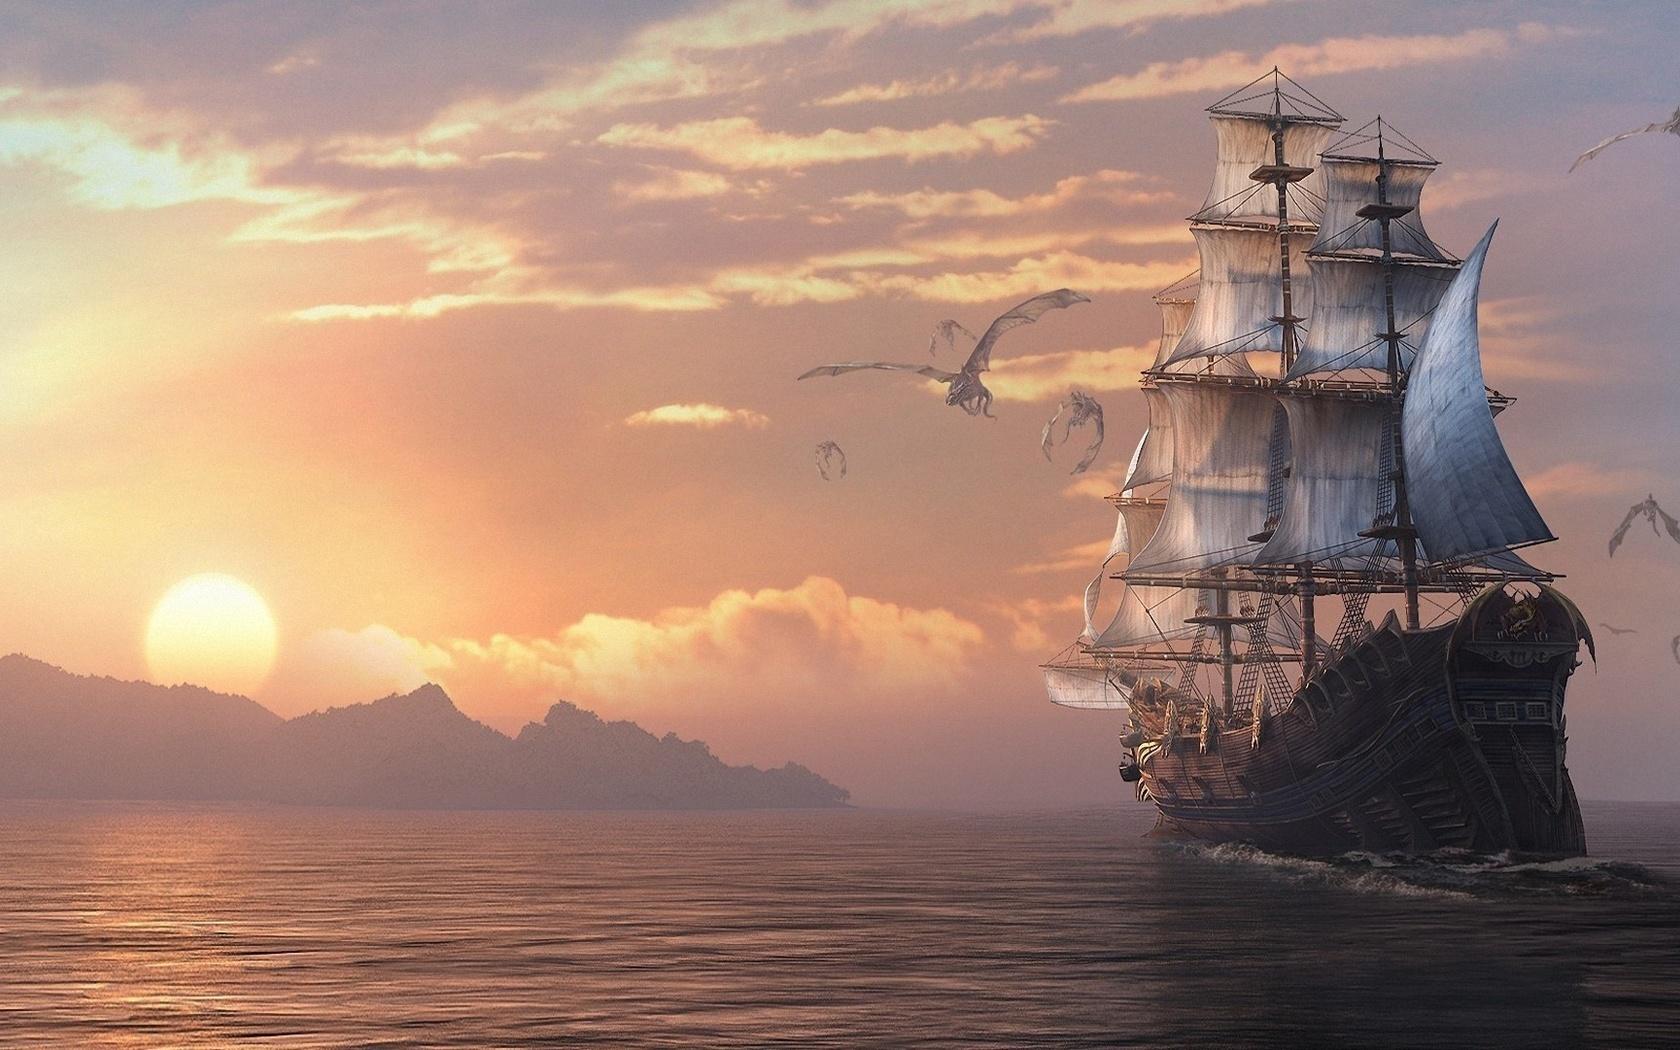 могут картинки фэнтези небо и корабль практически всех